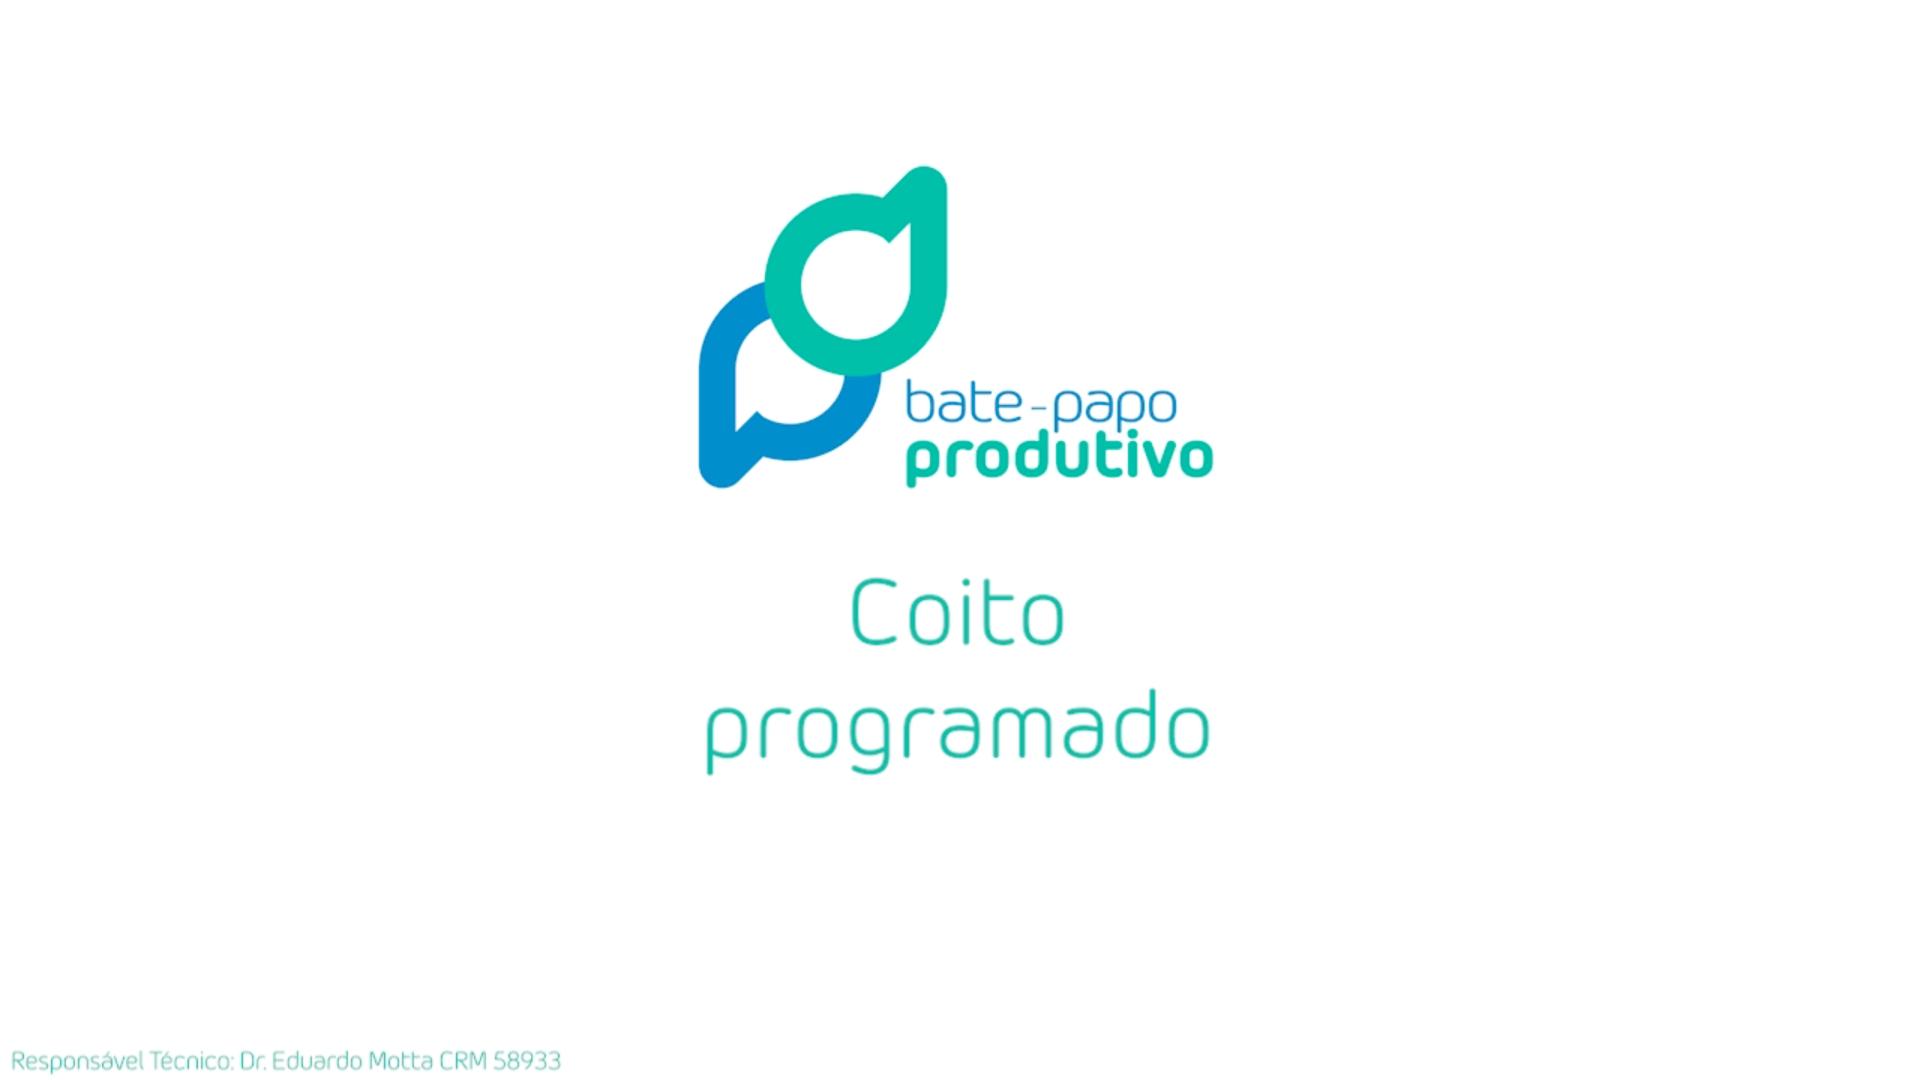 Bate-apo Produtivo - Coito Programado